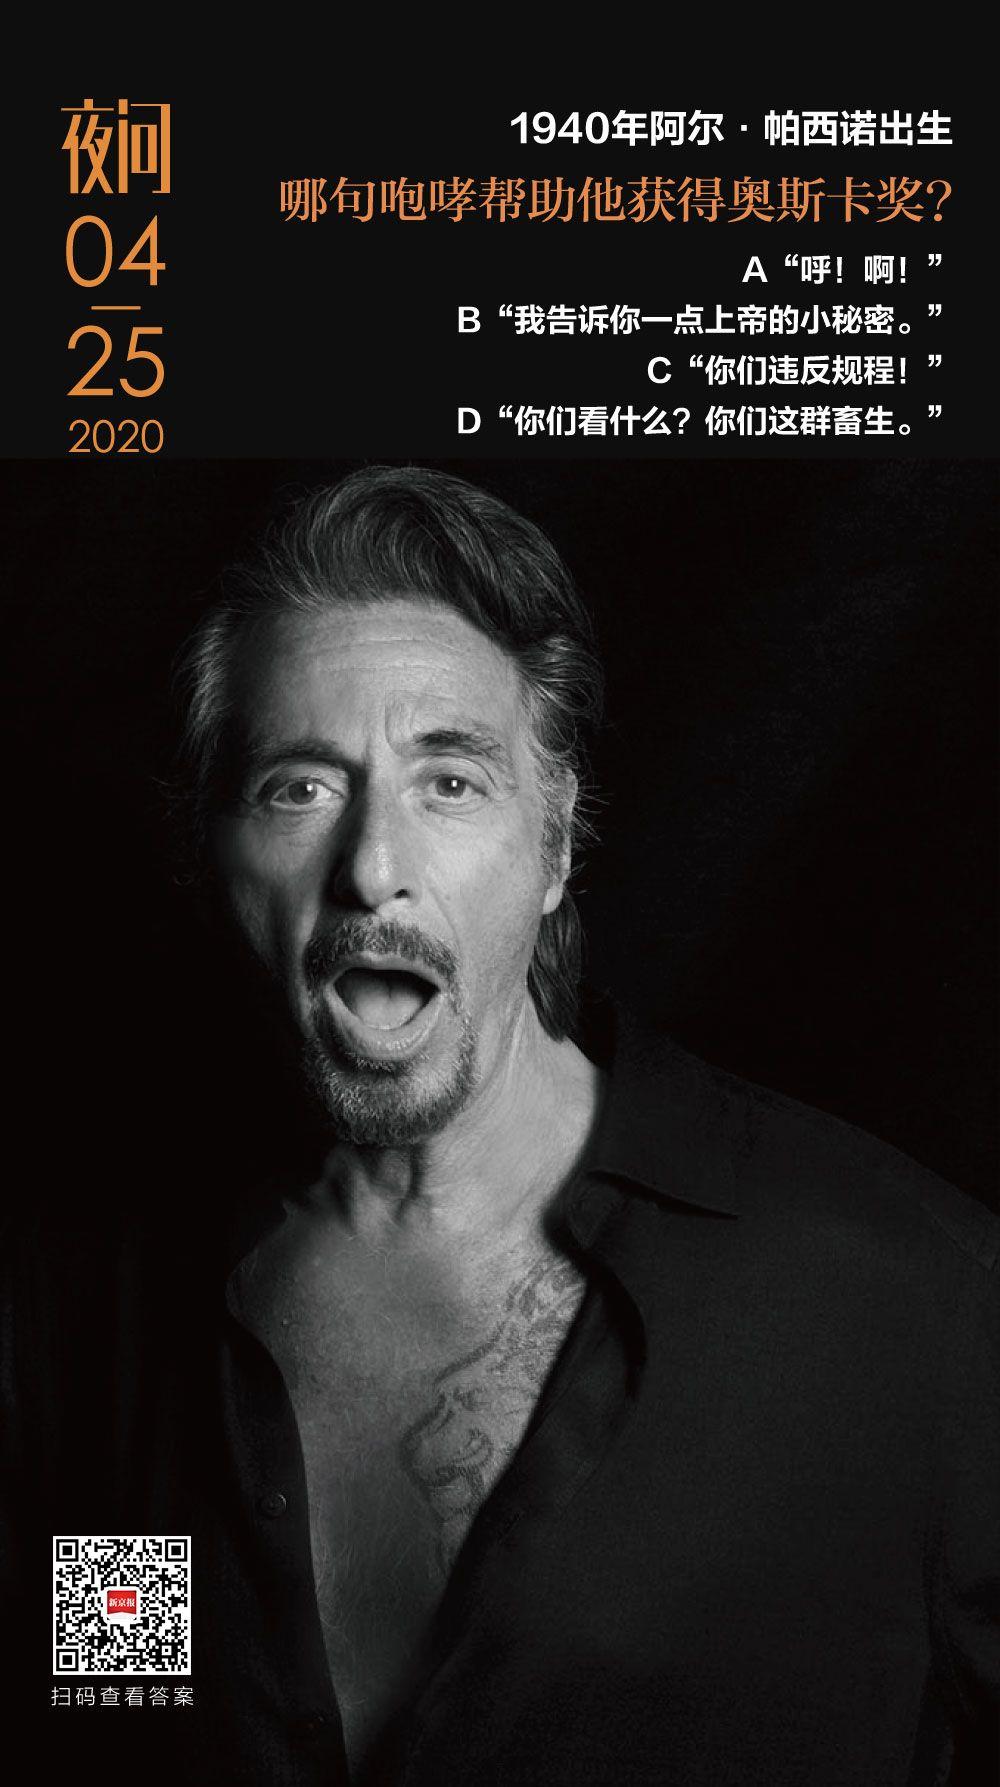 杏悦娱乐:他走向奥斯卡丨夜杏悦娱乐图片